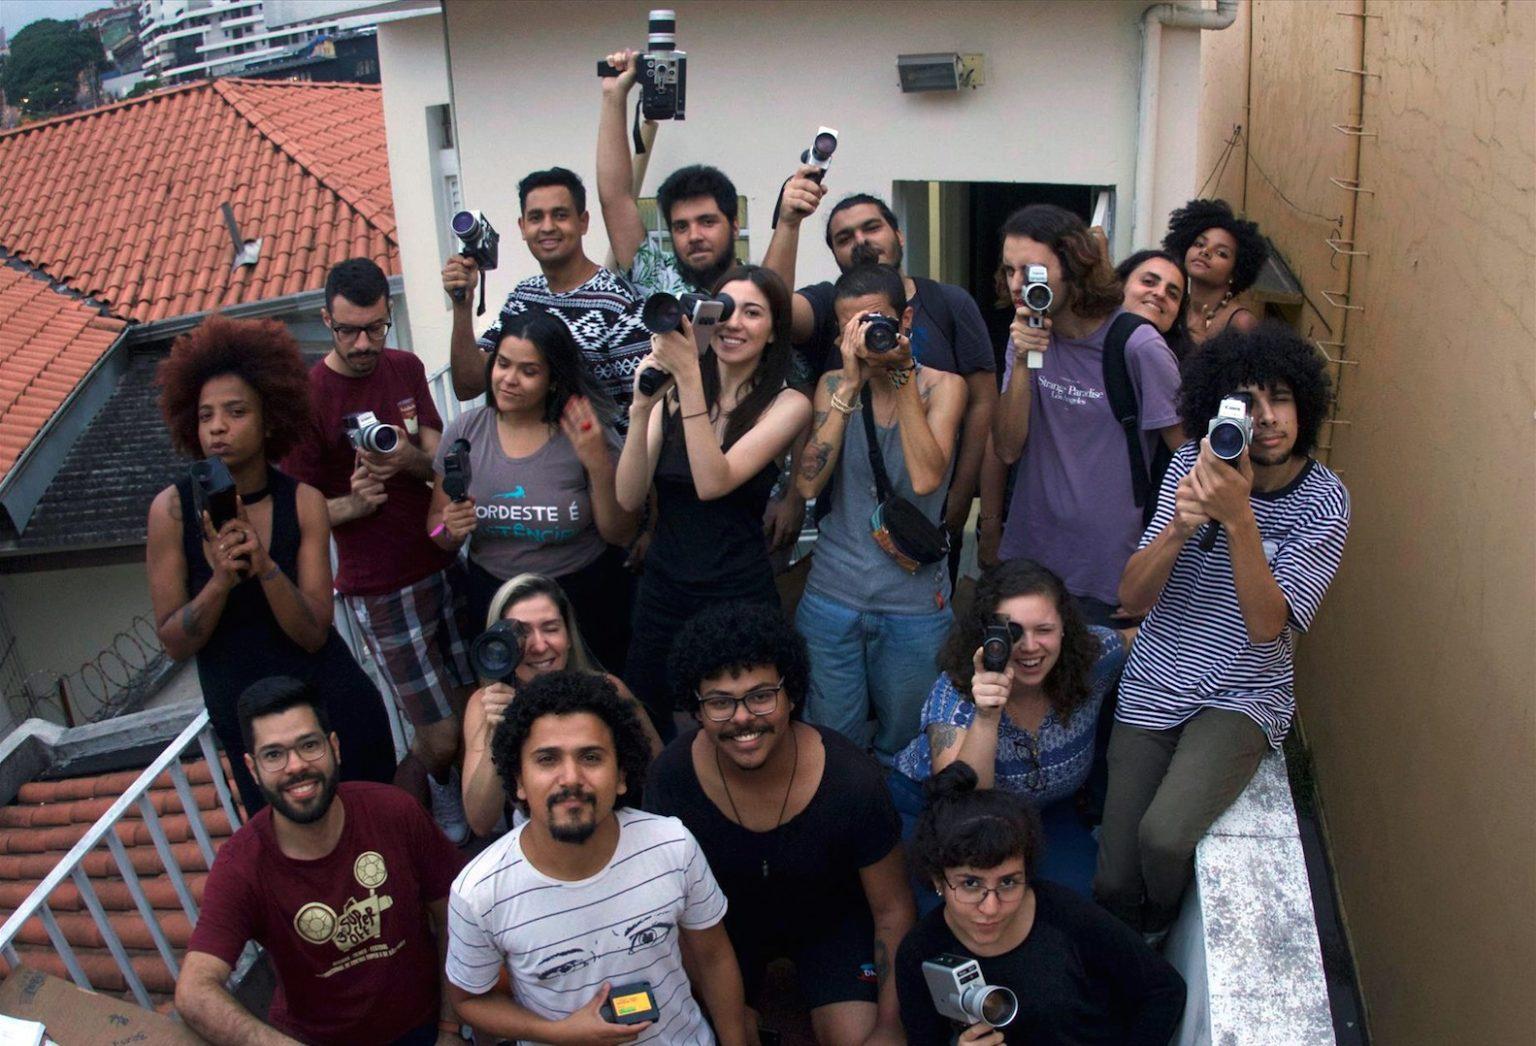 6ª Oficina Super OFF em São Paulo, no StudioCaza (Atual sede do Mundo em Foco), realizada por Felipe Neves, Ivan Salomão, Nayana Ferreira, Lelo (Olanias Almeida) e Rodrigo Sousa & Sousa (2019)